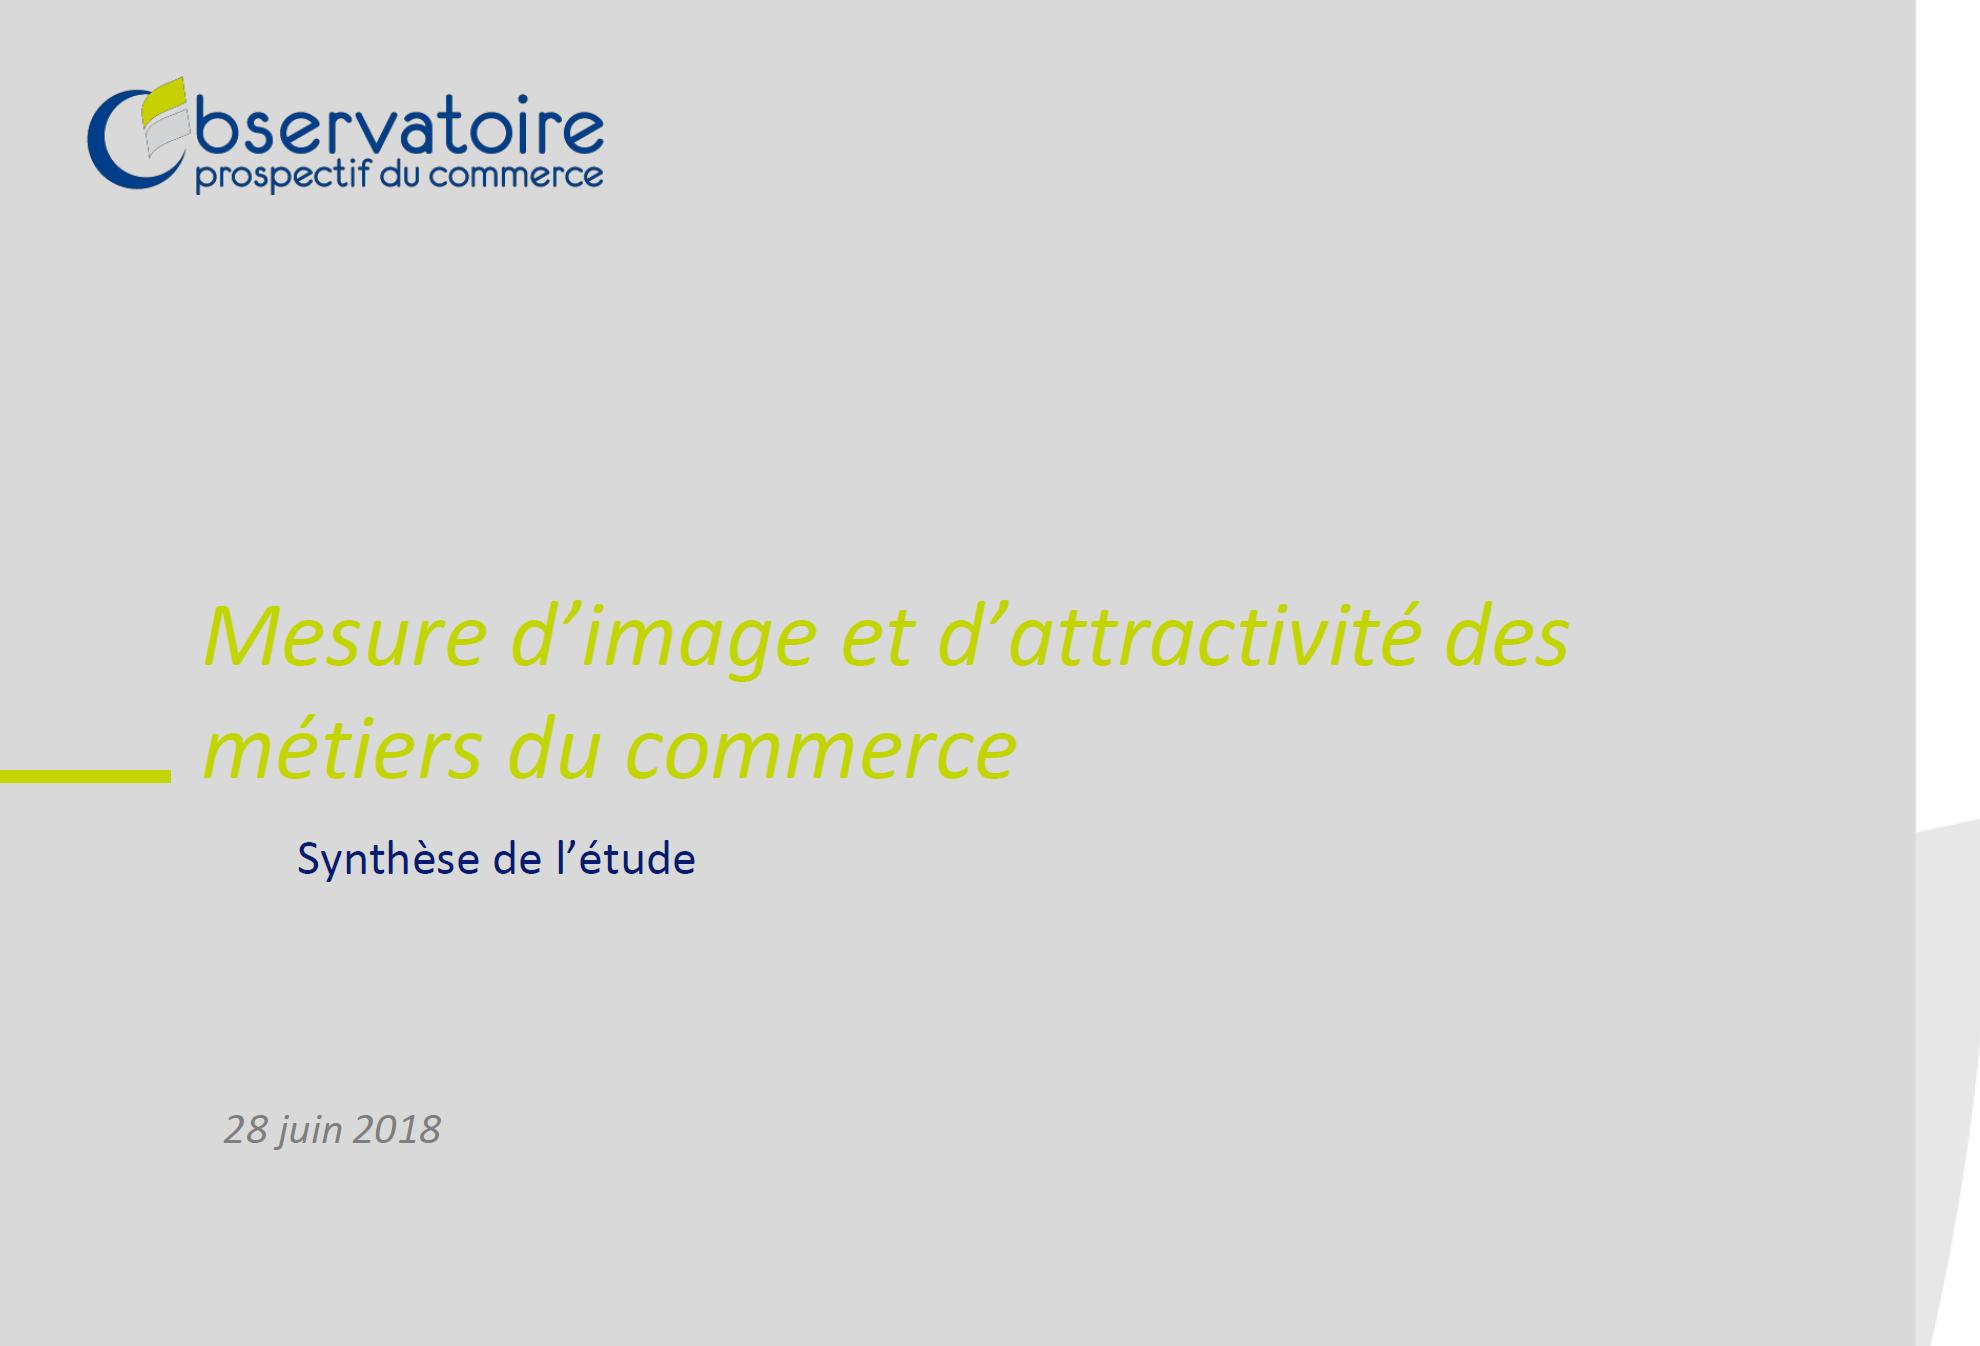 Mesure d'image et d'attractivité des métiers du commerce en 2018